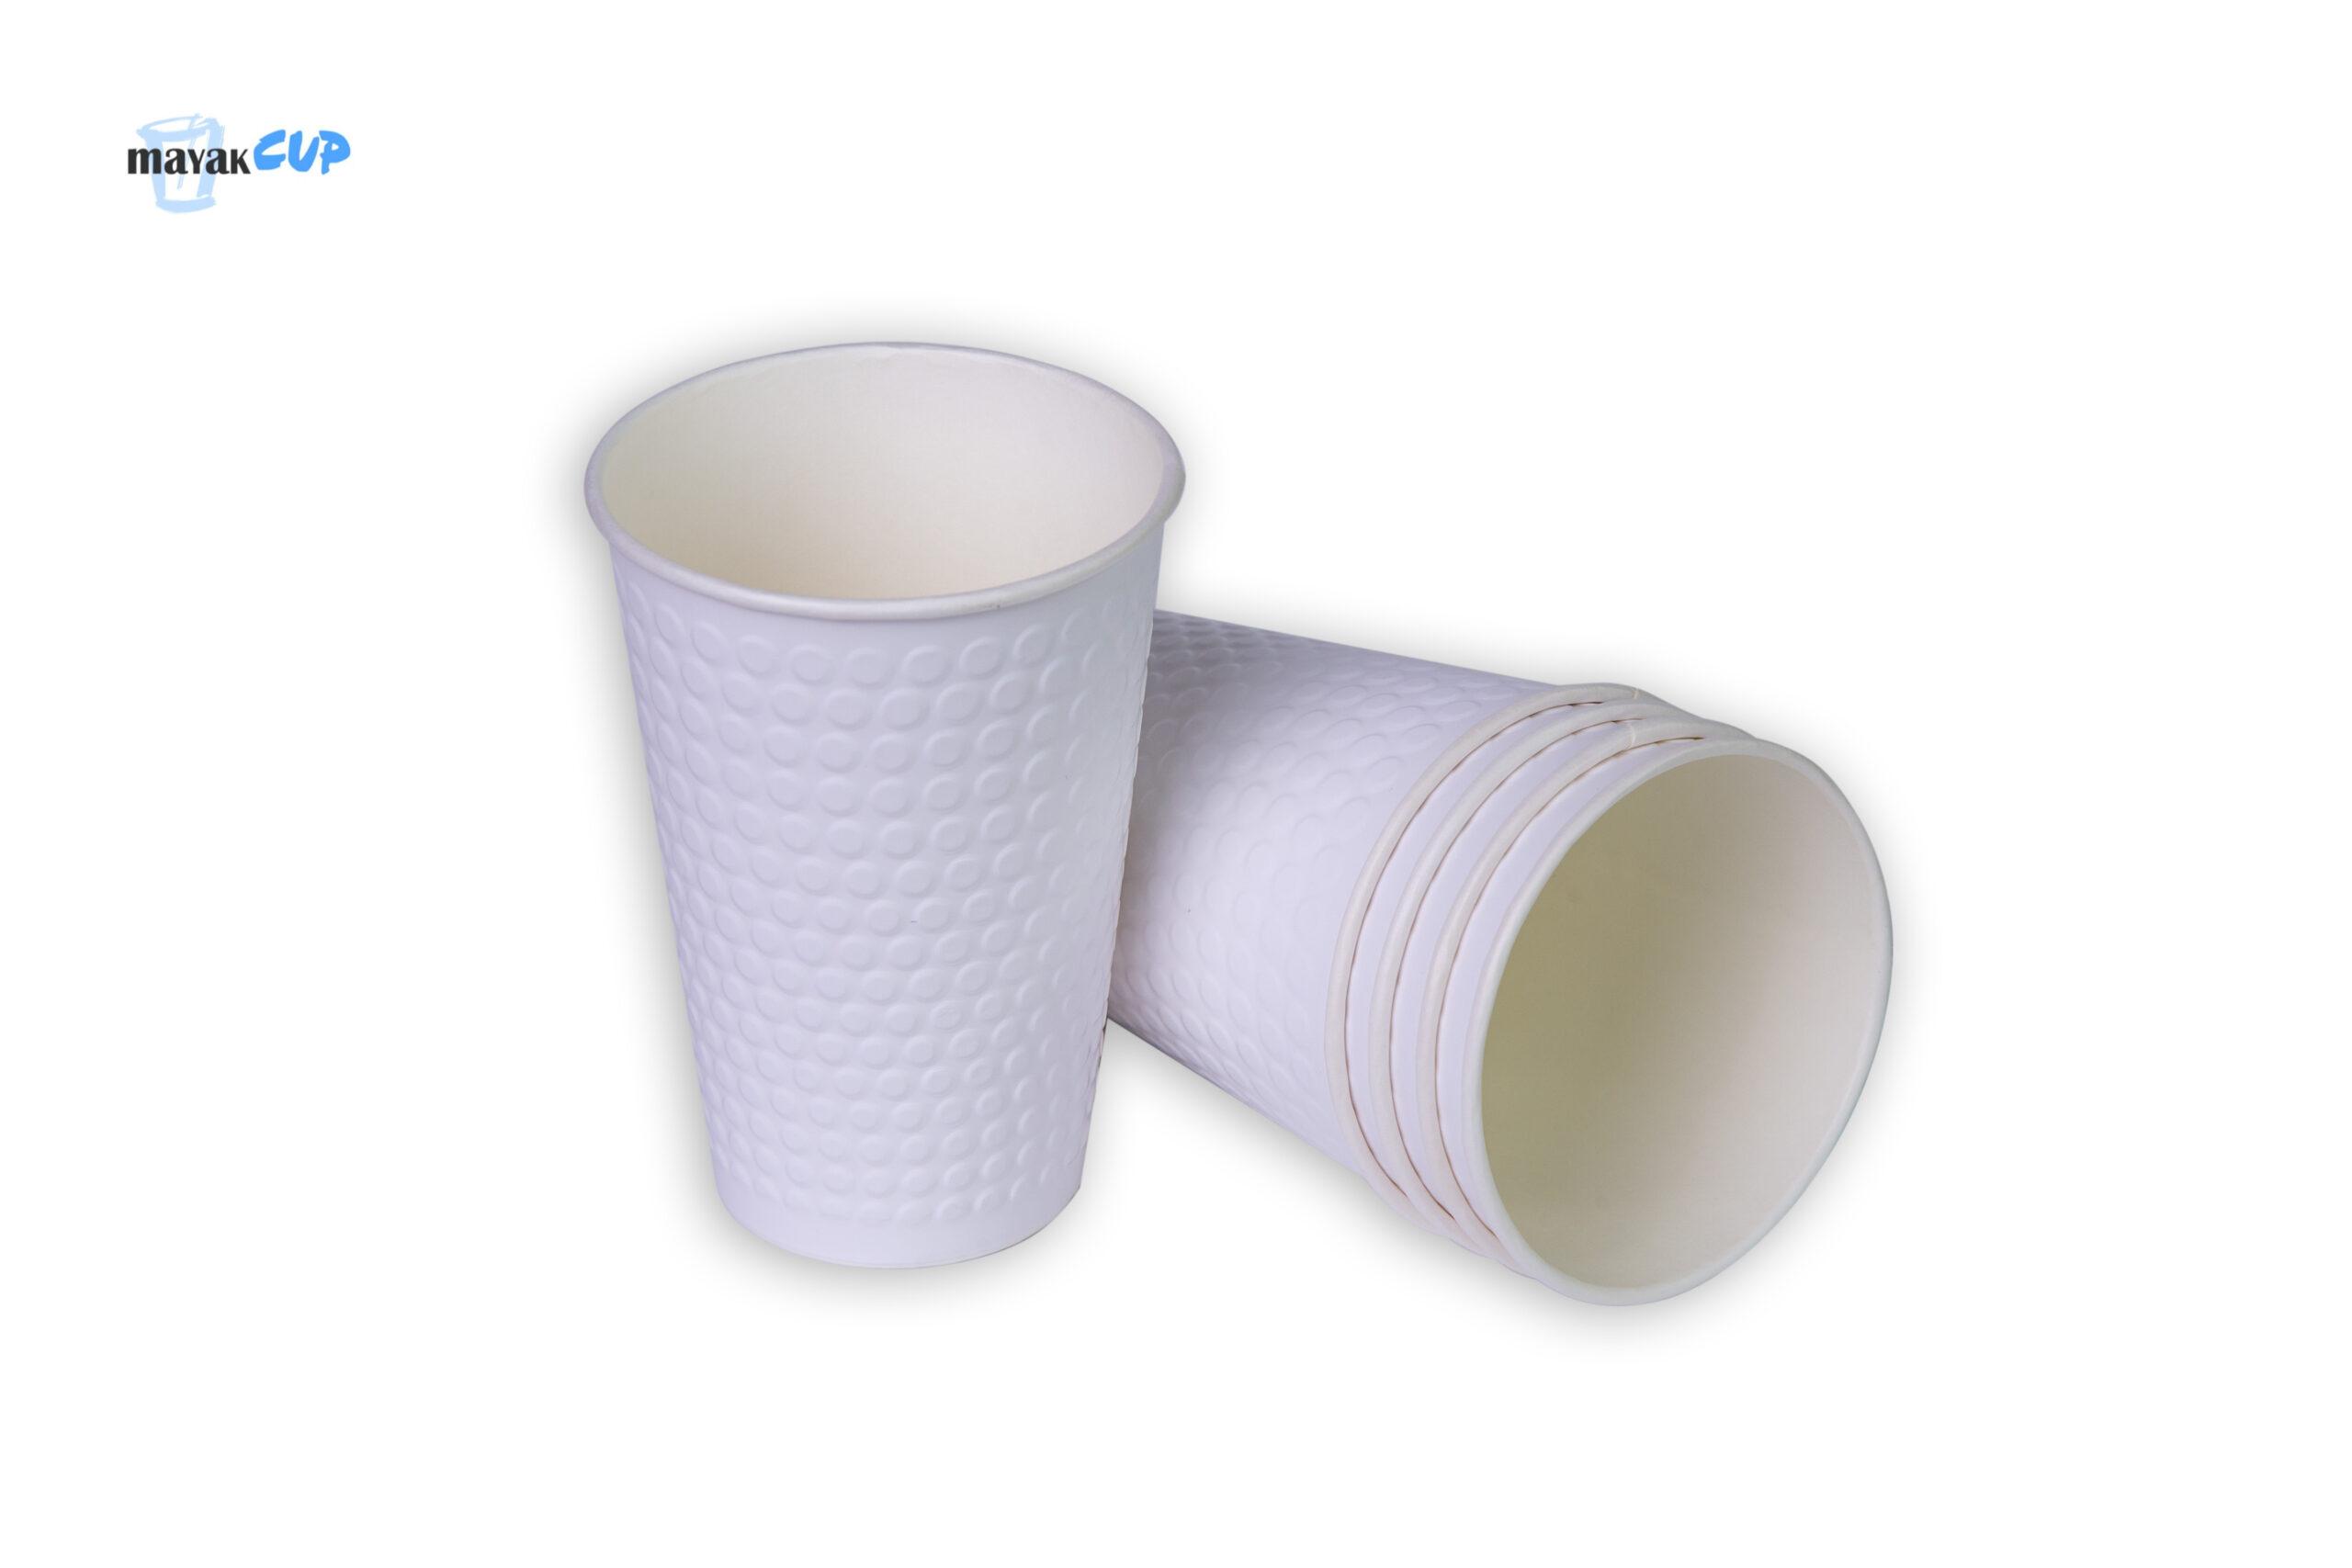 Двухслойный стакан «Bubble white» 330 мл